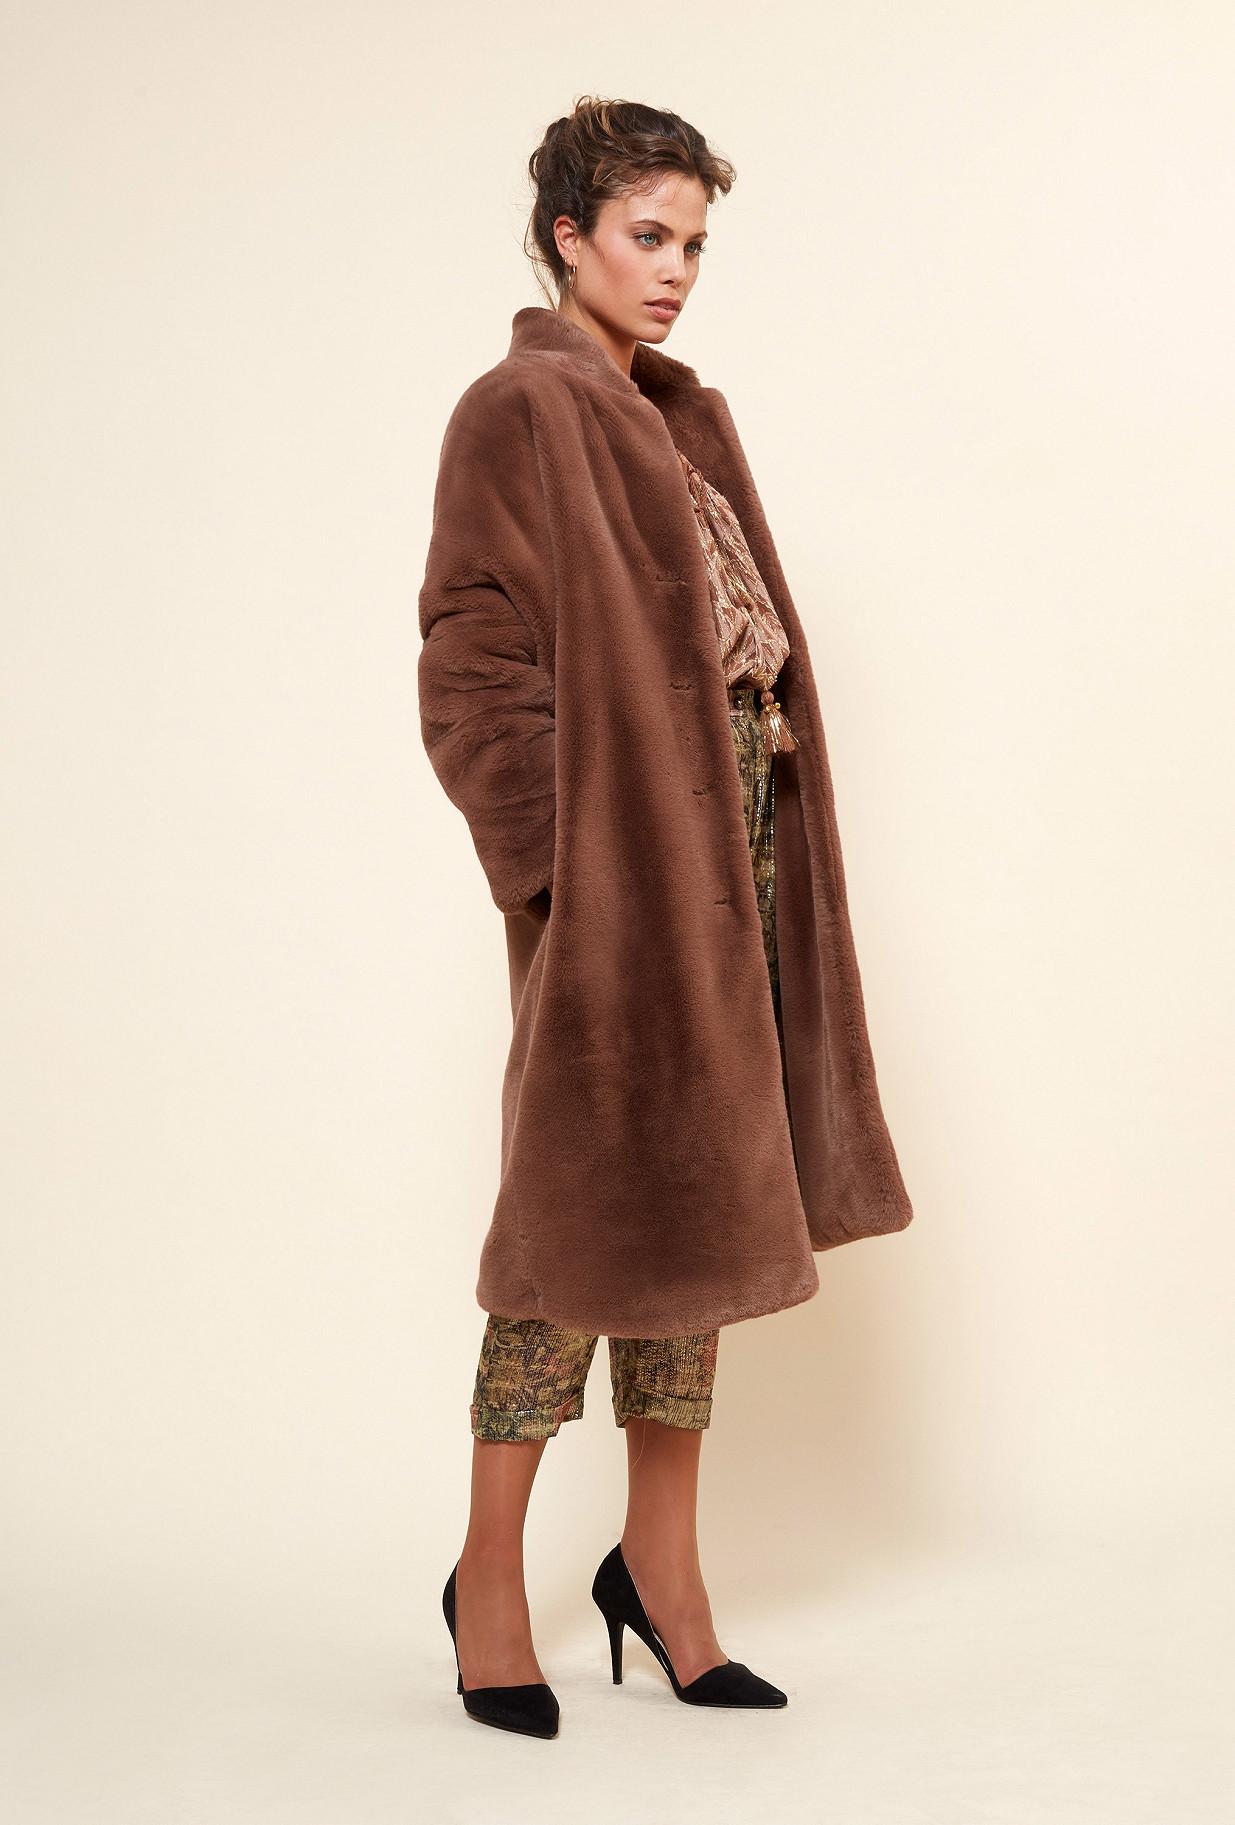 MANTEAU Marron  Gazette mes demoiselles paris vêtement femme paris